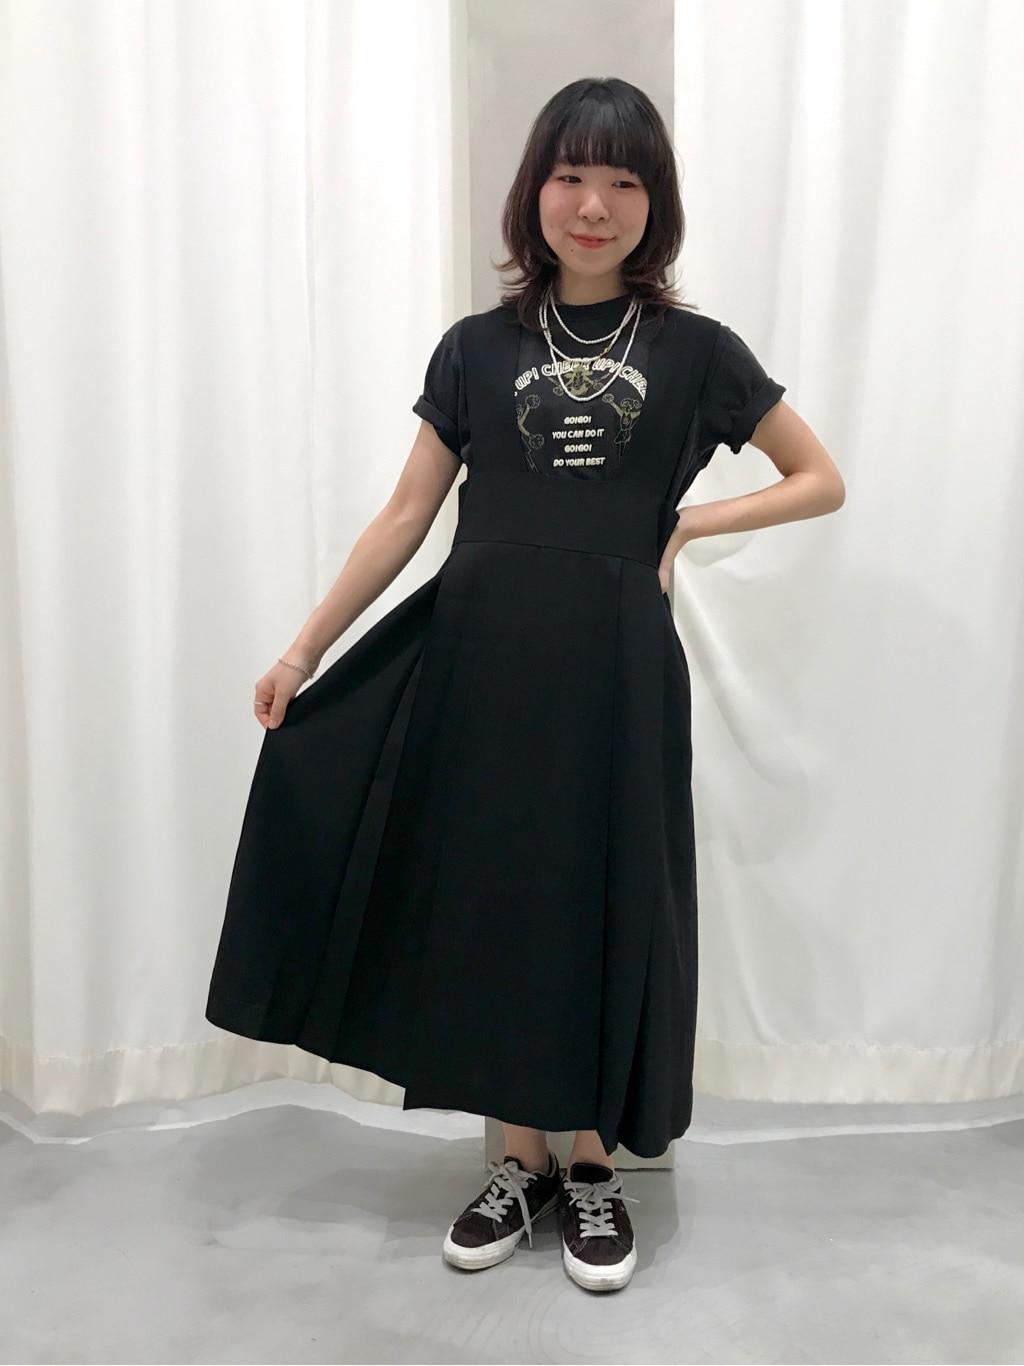 AMB SHOP PAR ICI CHILD WOMAN,PAR ICI ルミネ横浜 身長:154cm 2020.05.30